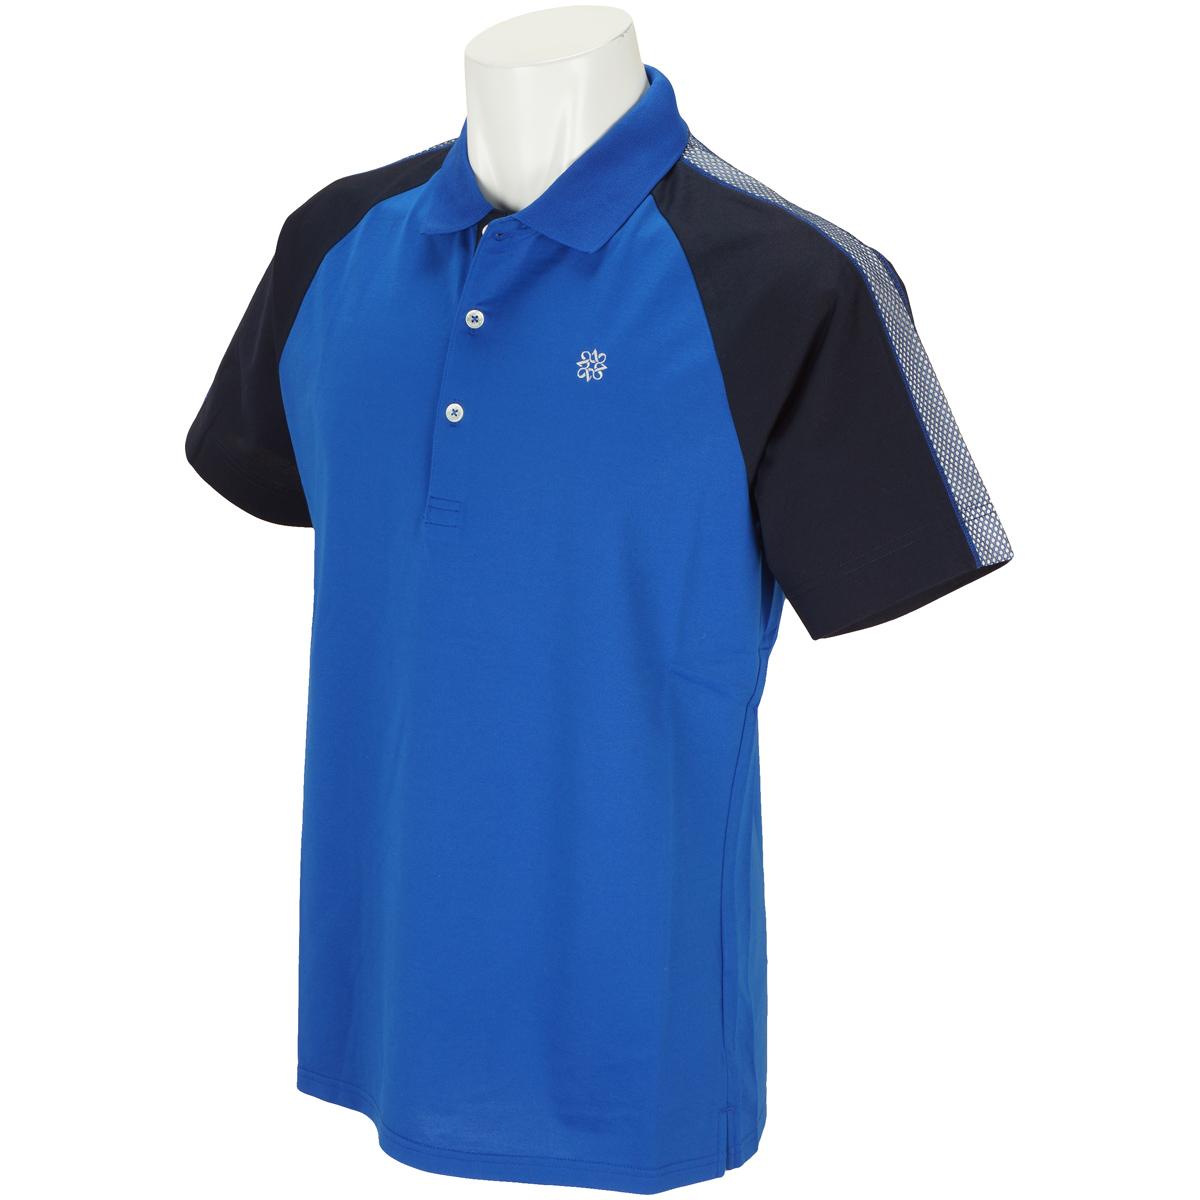 WhiteLabel COOLMAXハイゲージハニカムラグラン半袖ポロシャツ